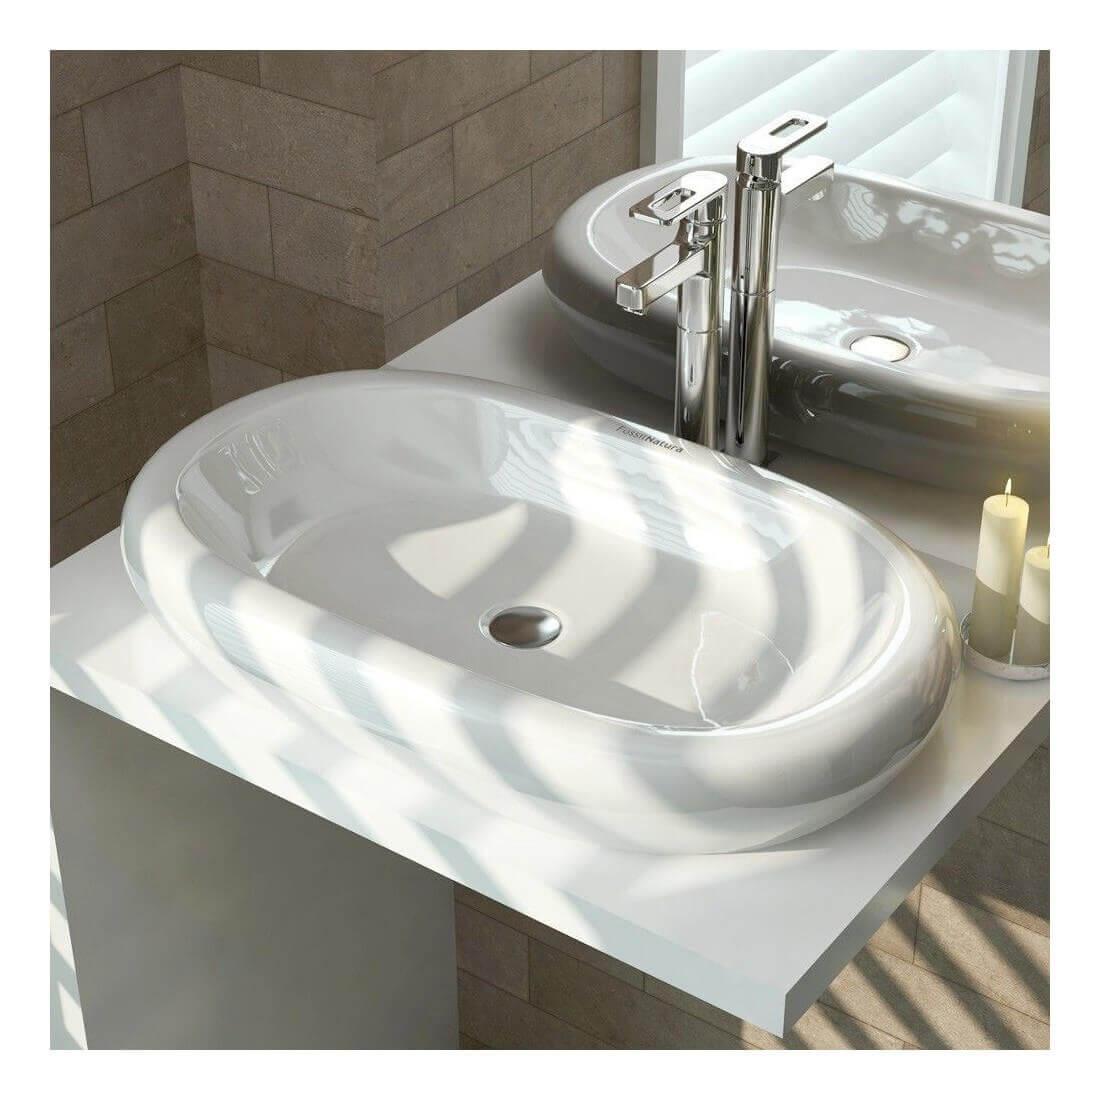 Lavabo sobre encimera oval the bath - Lavamanos sobre encimera ...